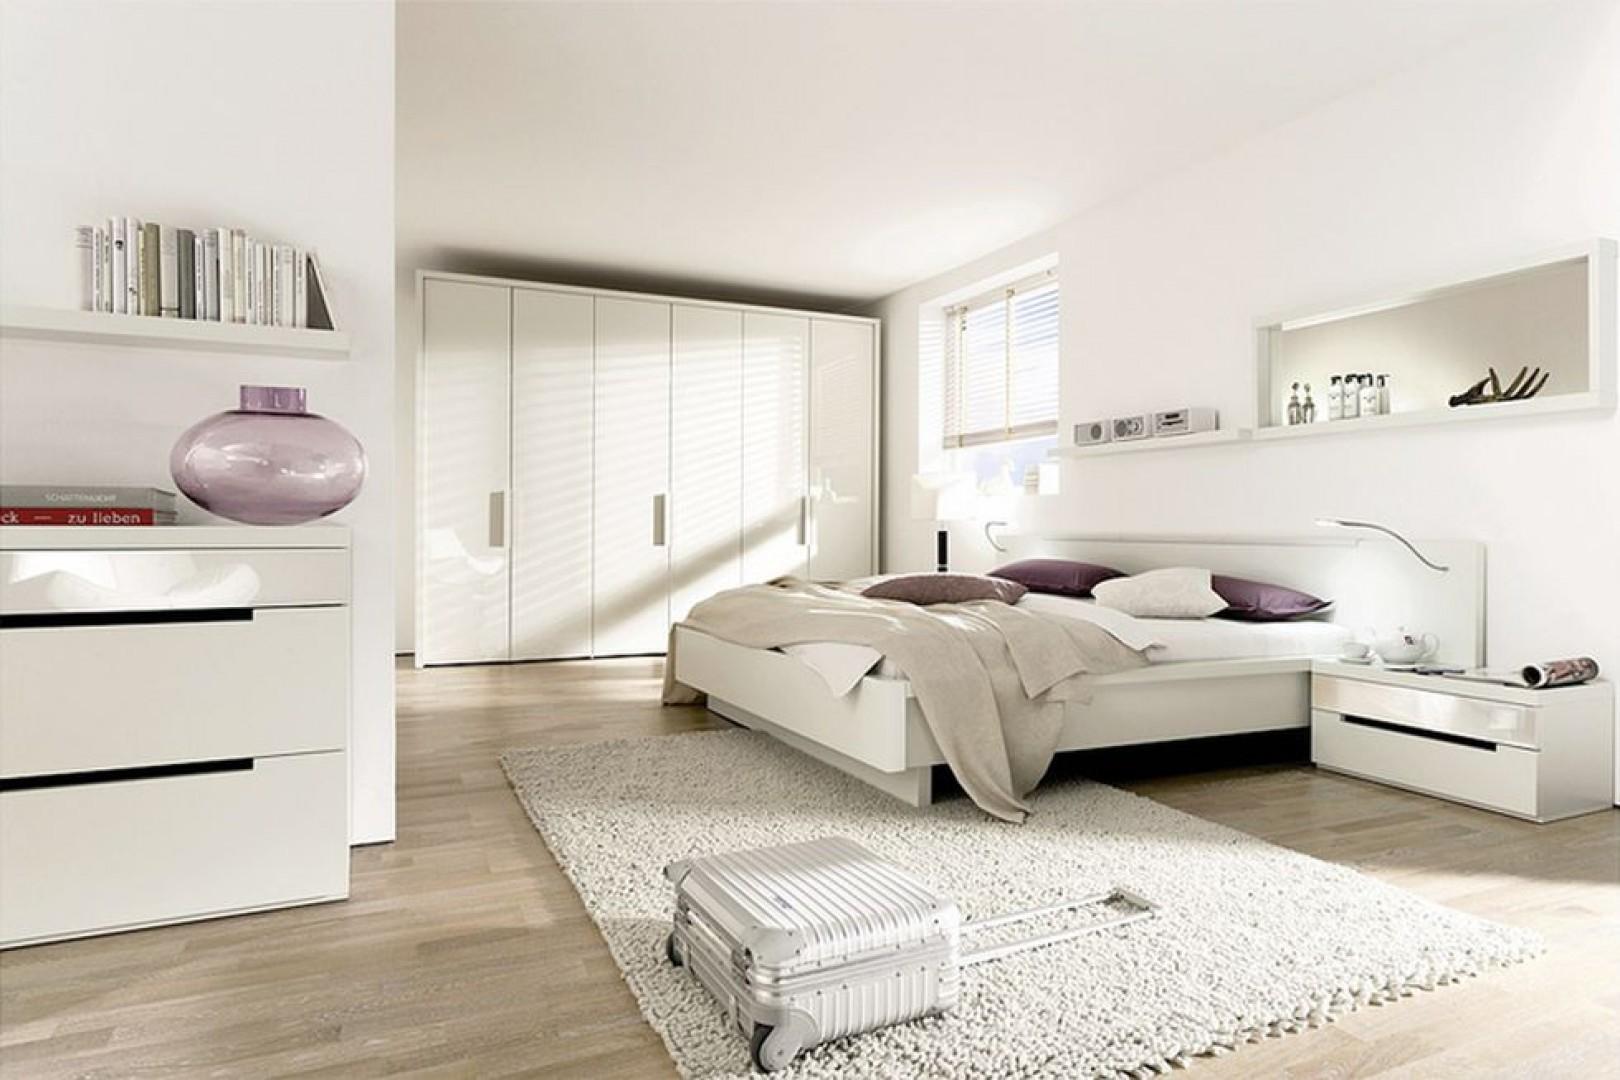 Biała sypialnia w wersji total look. Fot. Huelsta